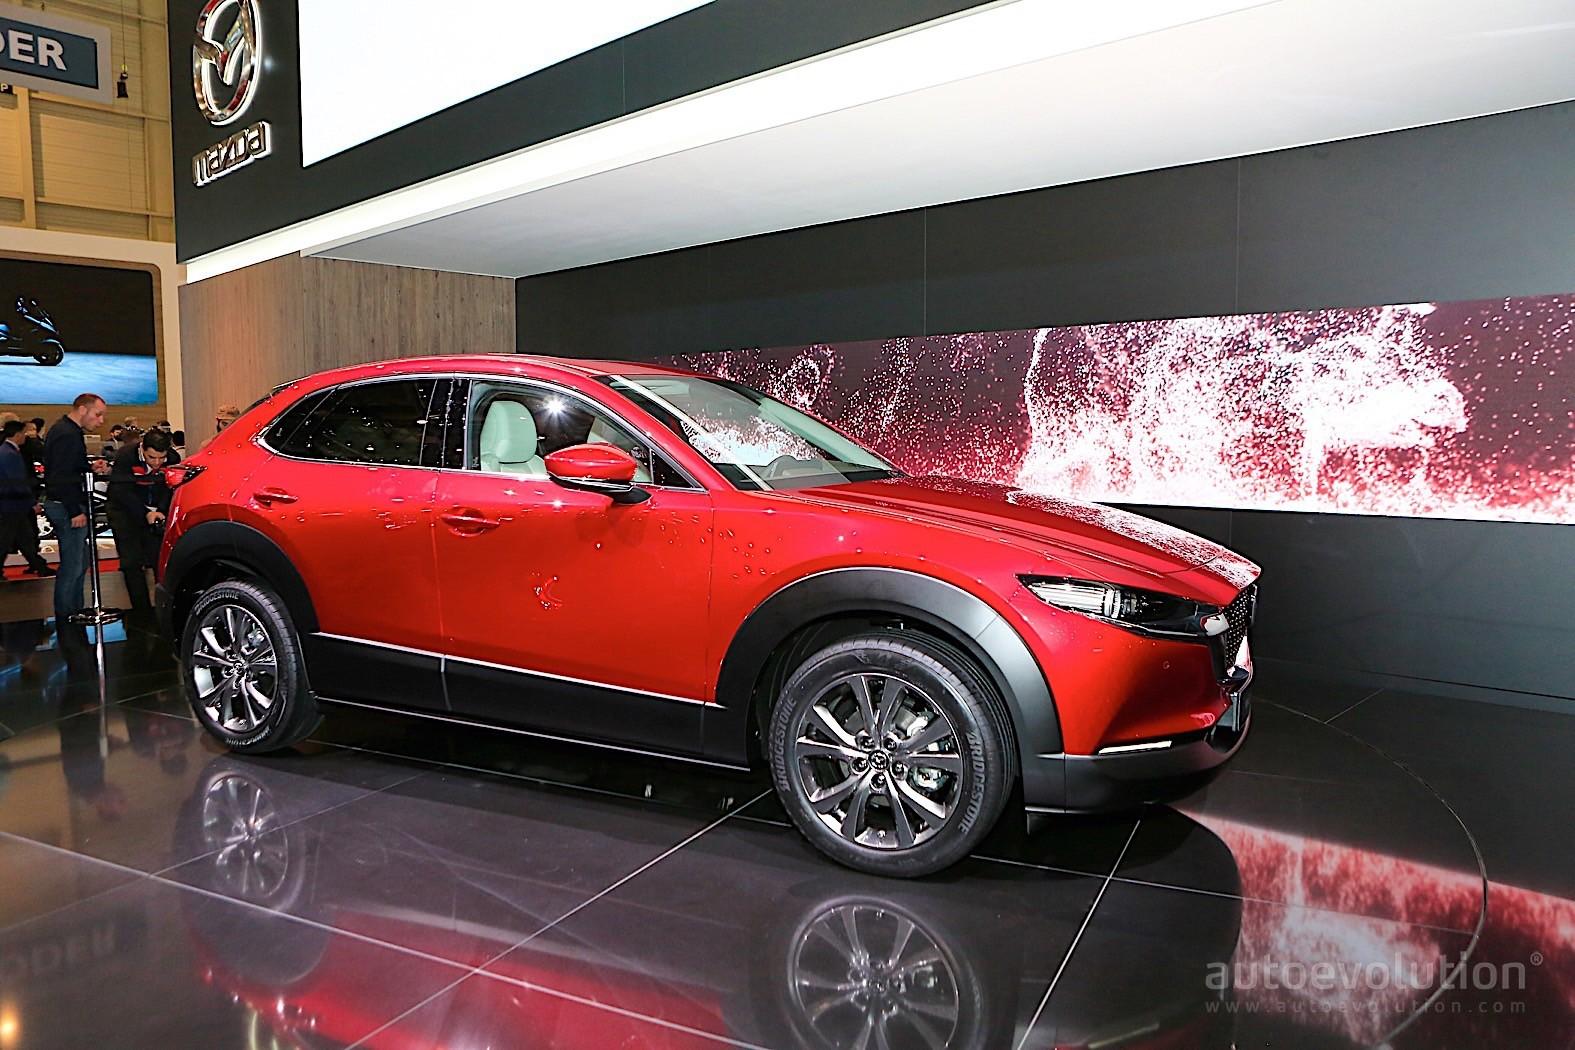 2020 Mazda Cx 30 Crossover Fills Gaps In Geneva